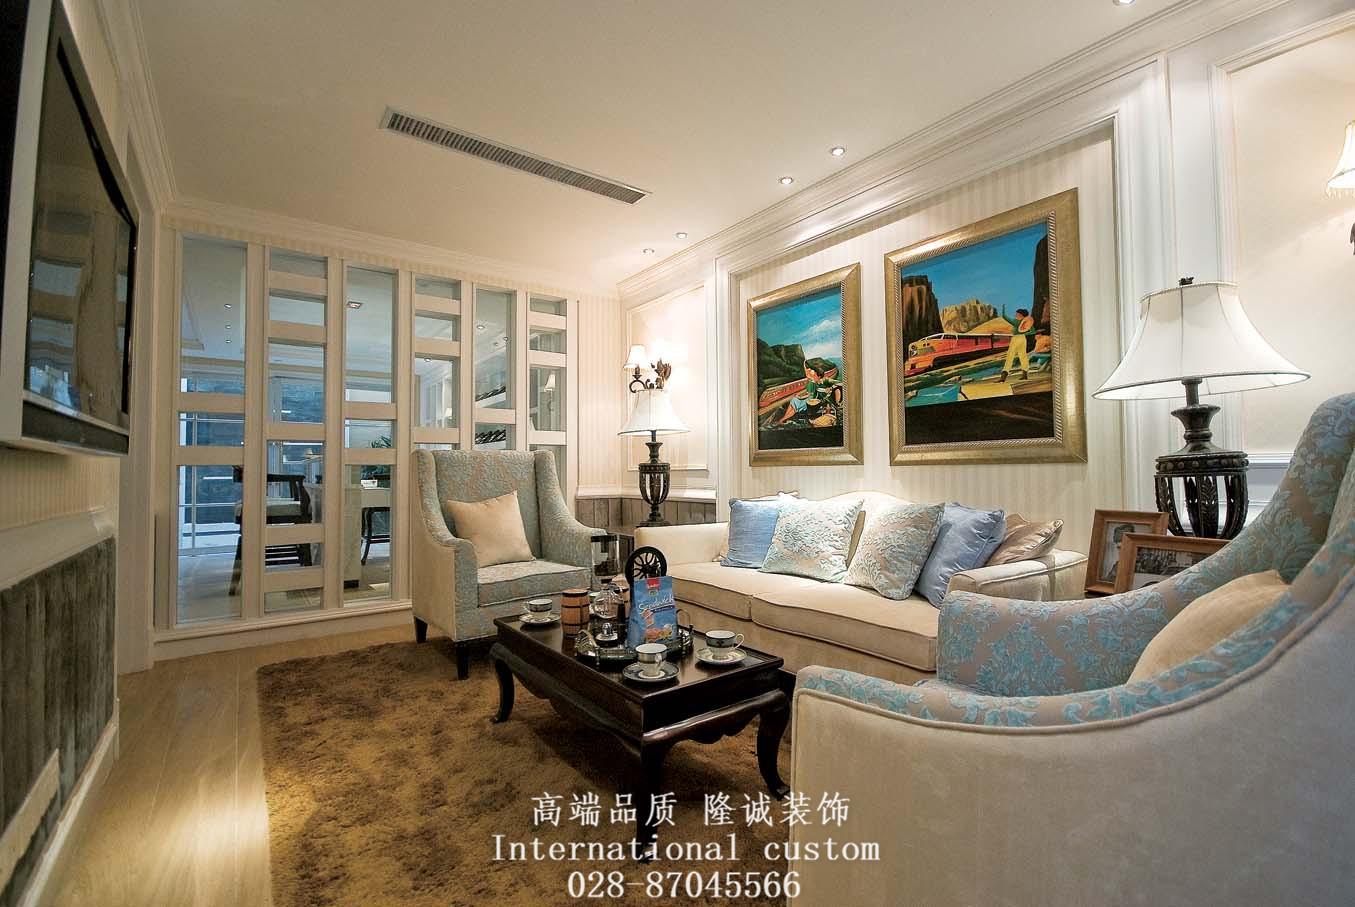 简约 欧式 别墅 旧房改造 舒适 温馨 收纳 其他图片来自fy1831303388在雅居乐简欧实景照片的分享